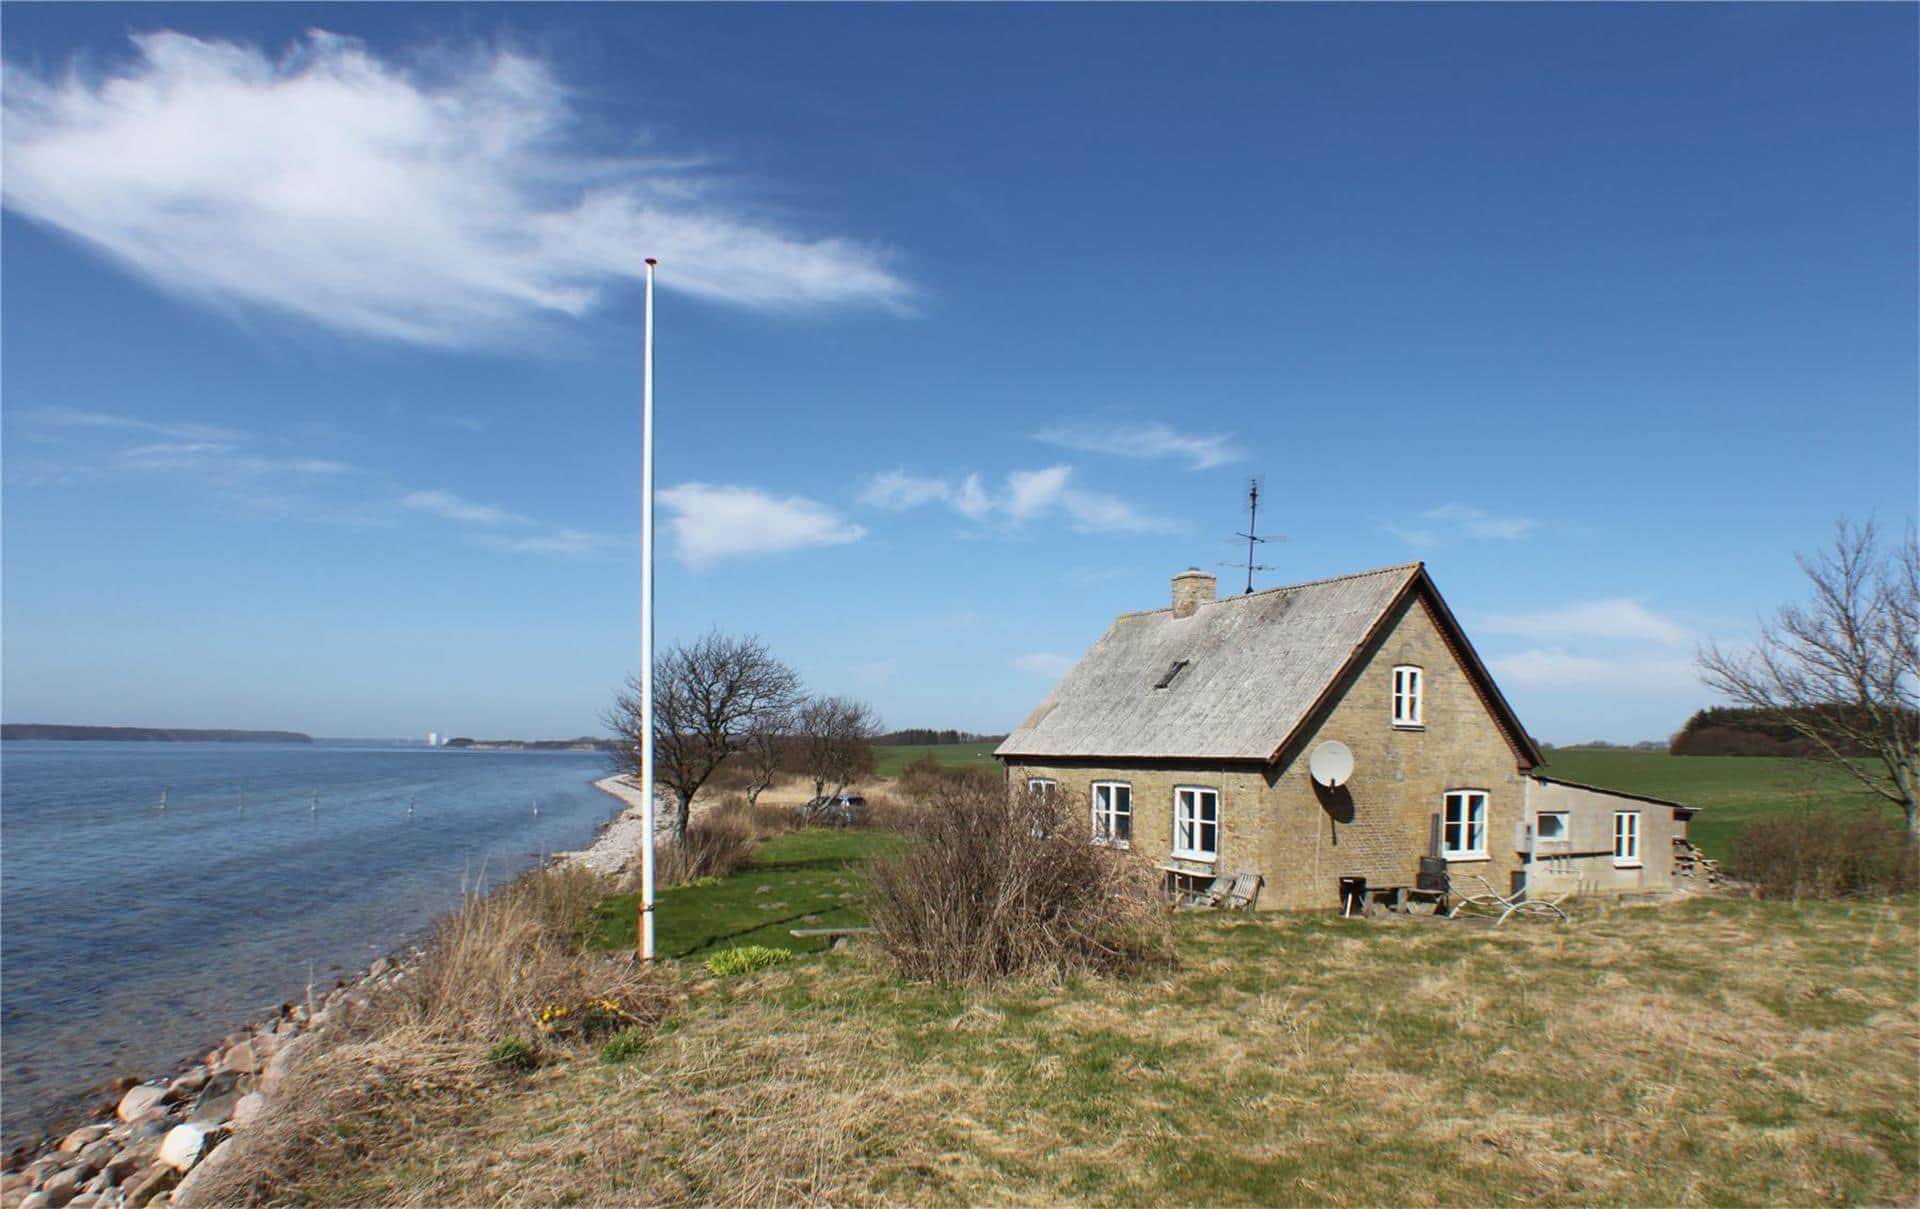 Billede 1-3 Sommerhus M65010, Fønsskovvej 47, DK - 5580 Nørre Aaby